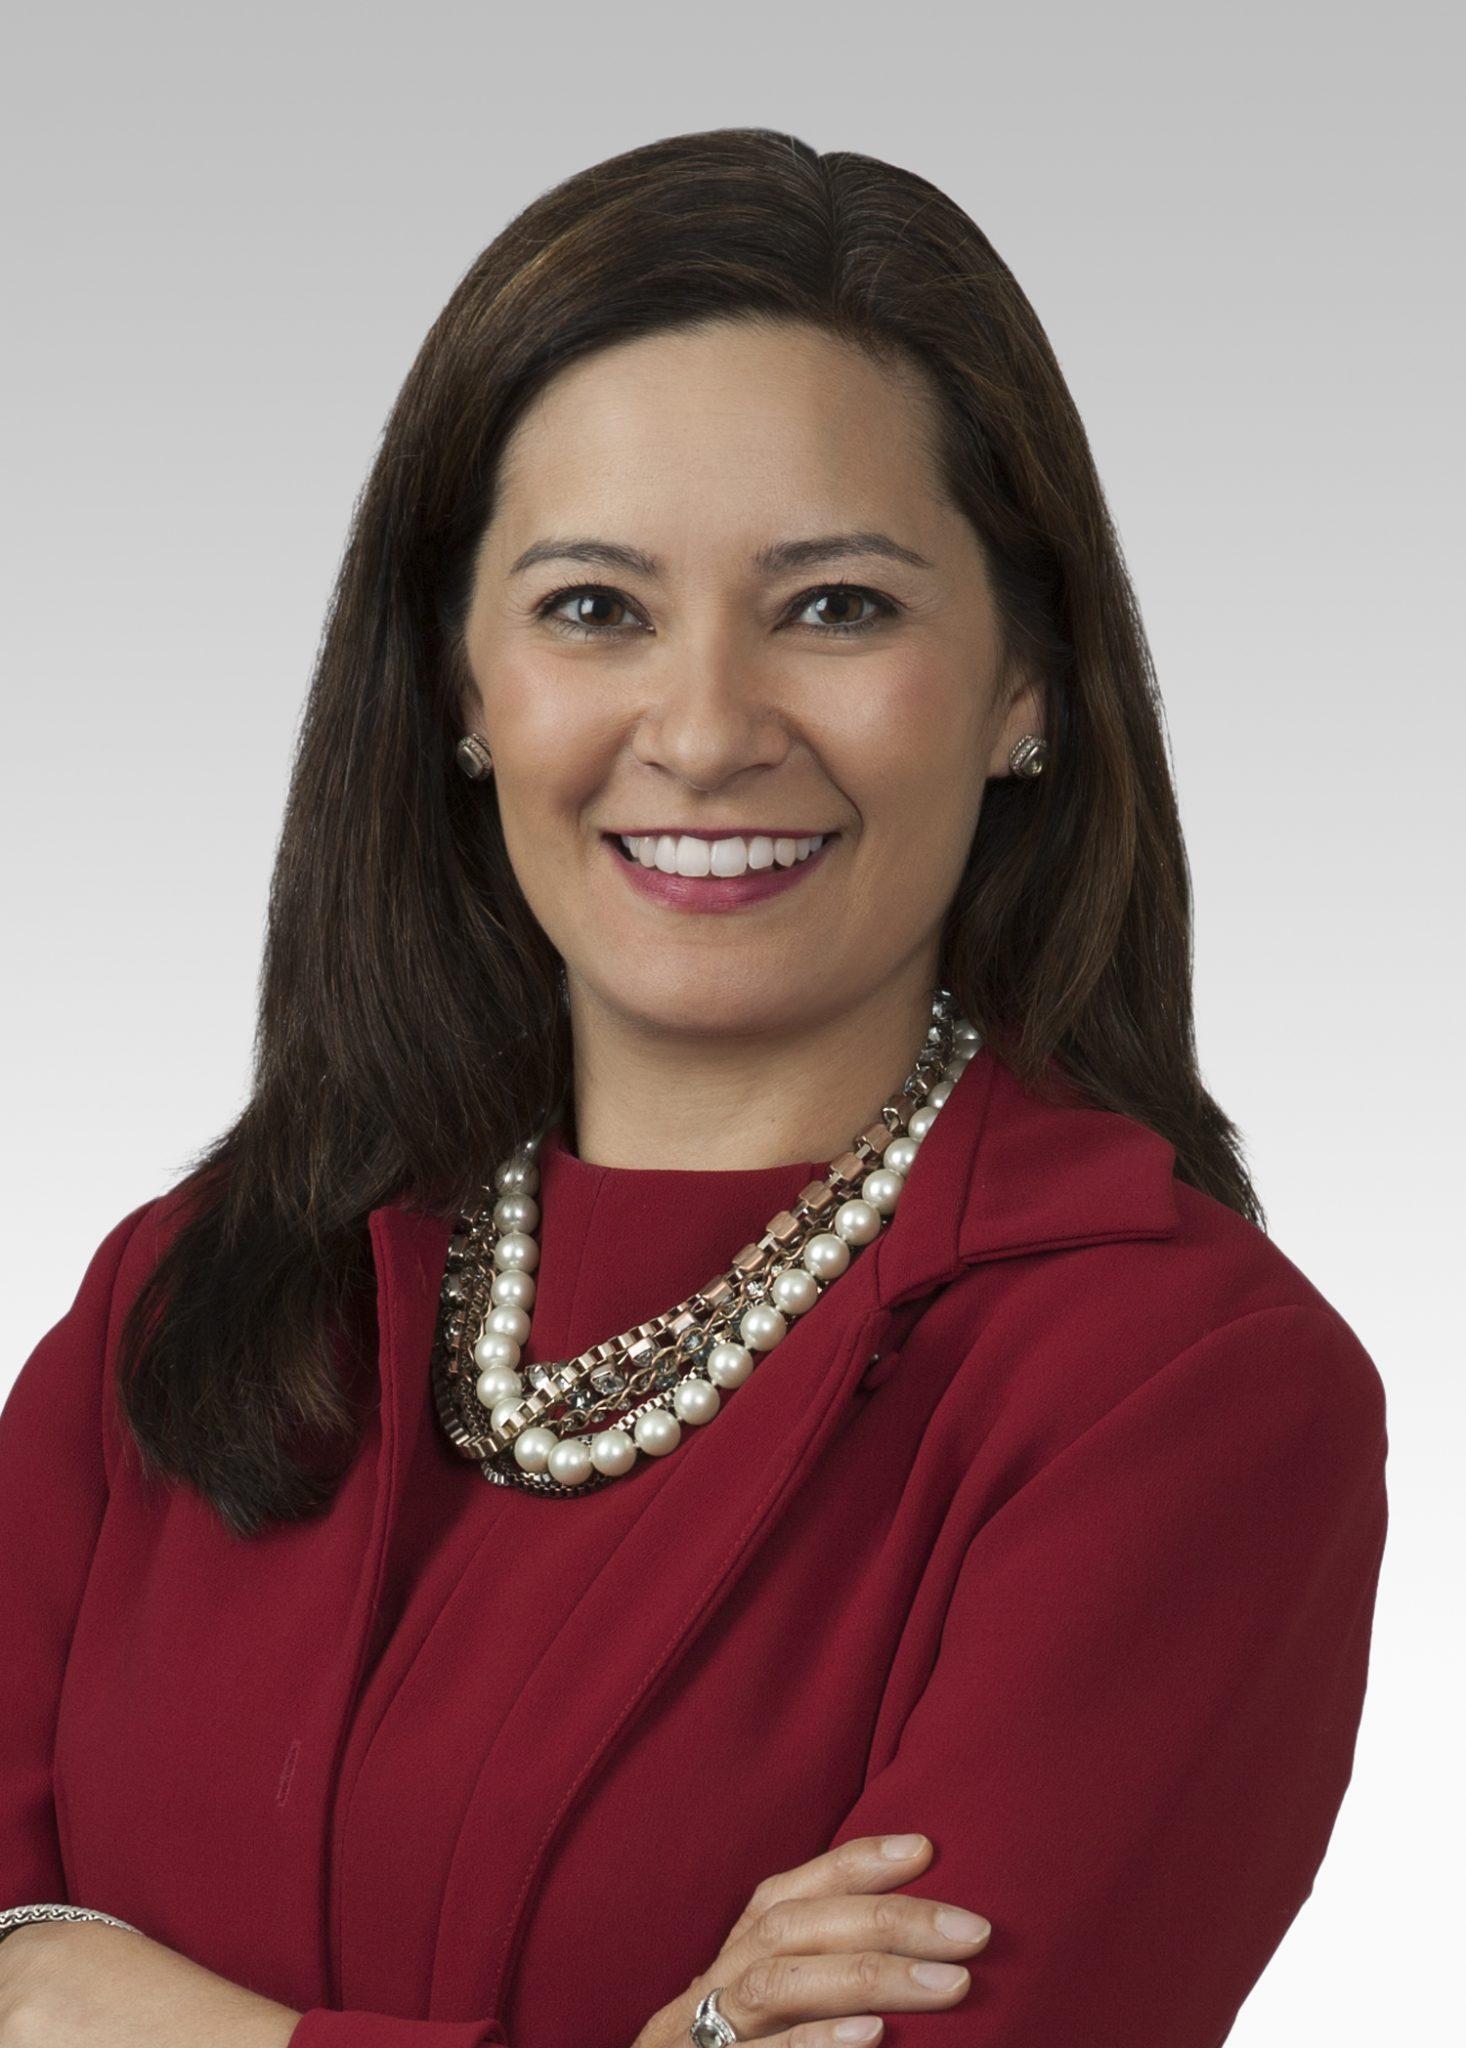 Nerissa Coyle McGinn